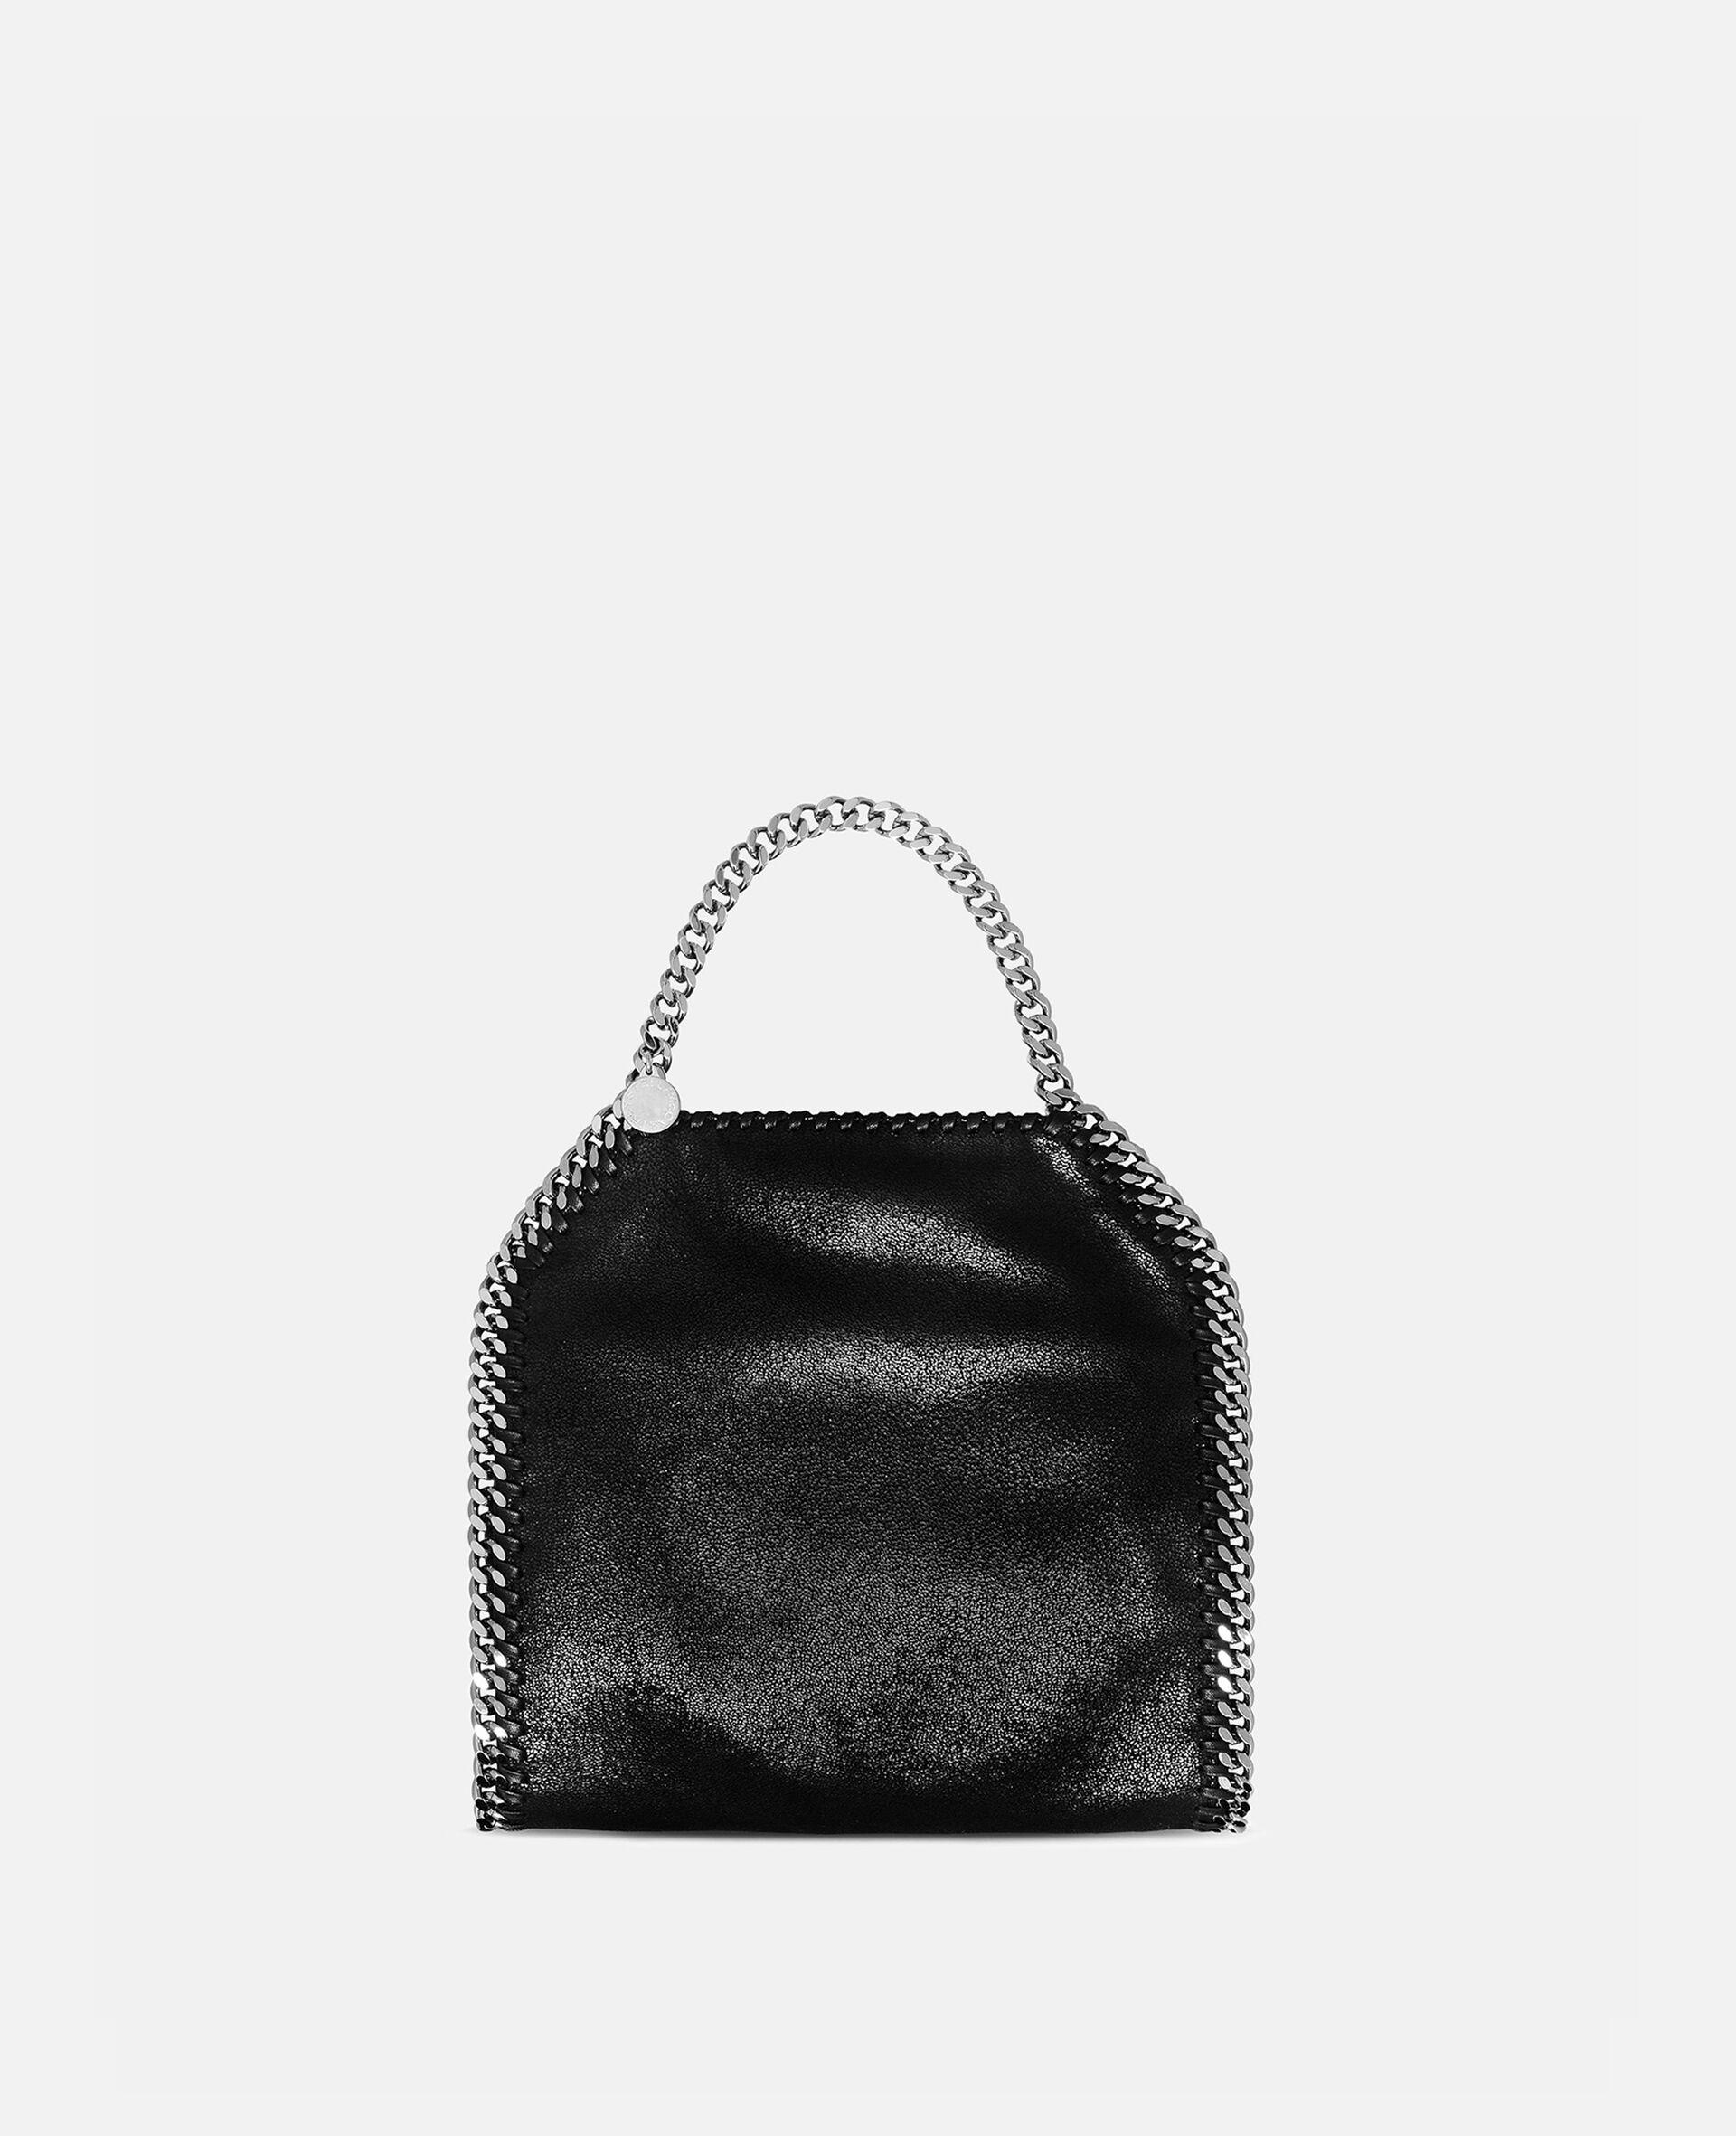 Tiny Tote Bag Falabella-Grau-large image number 3